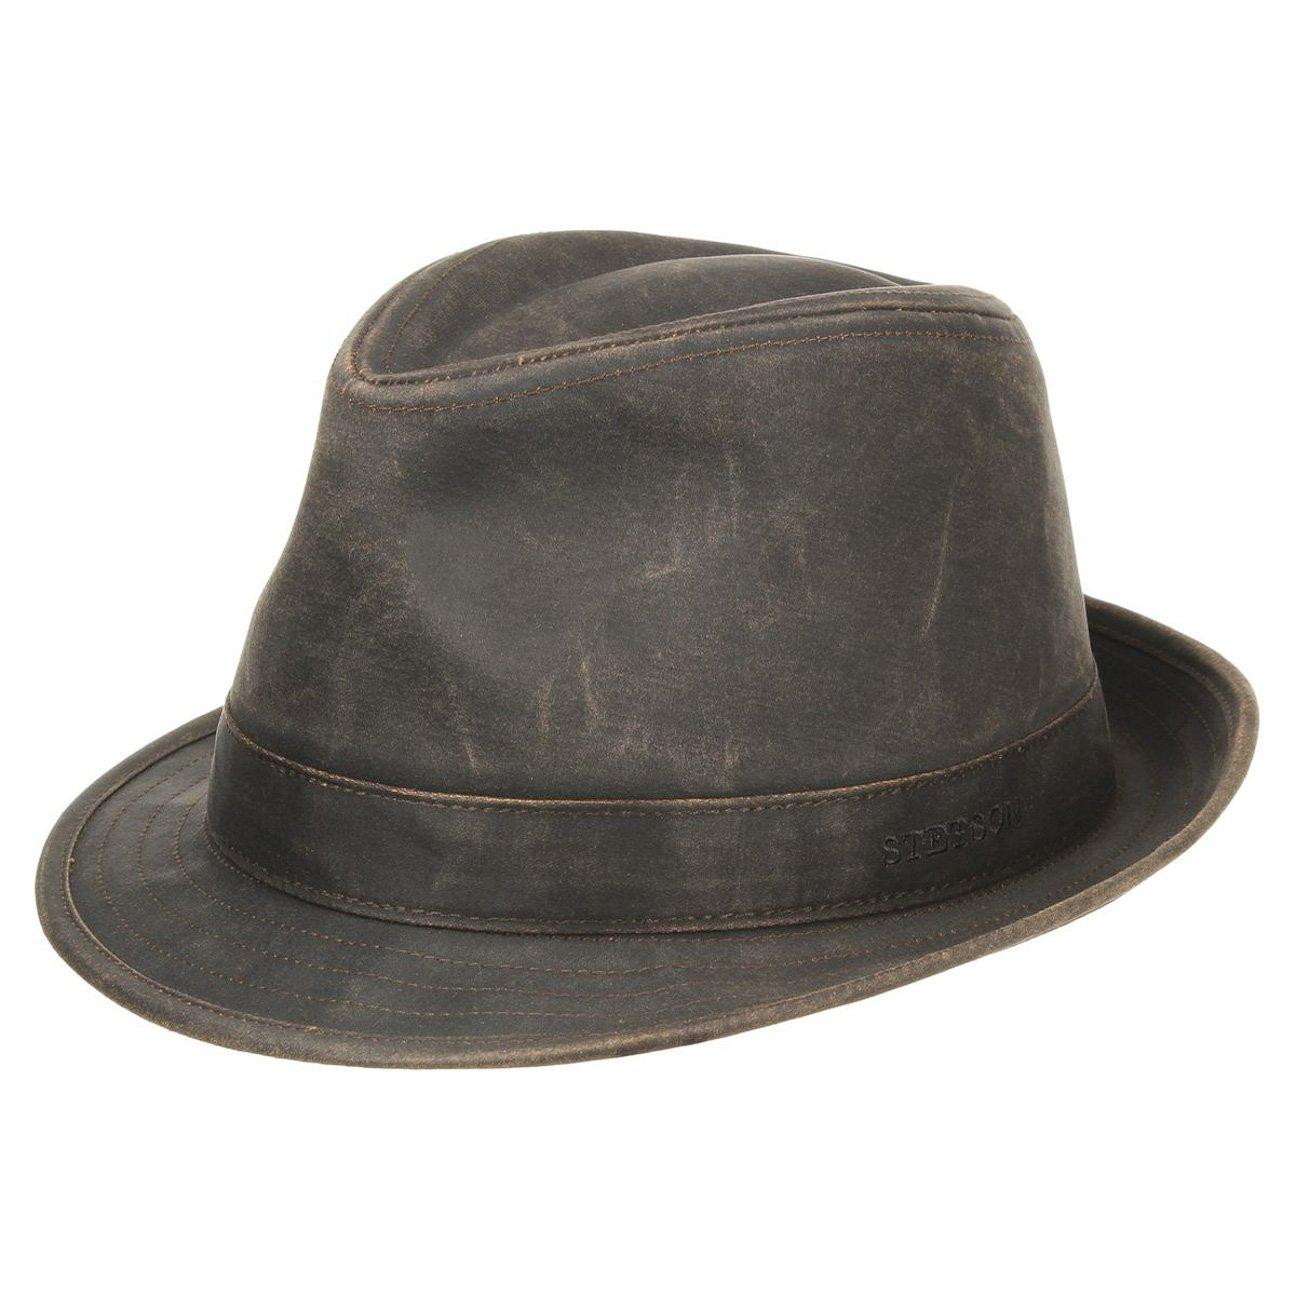 Stetson Odessa Trilby in Tessuto cappelli estivi di 1131101-6